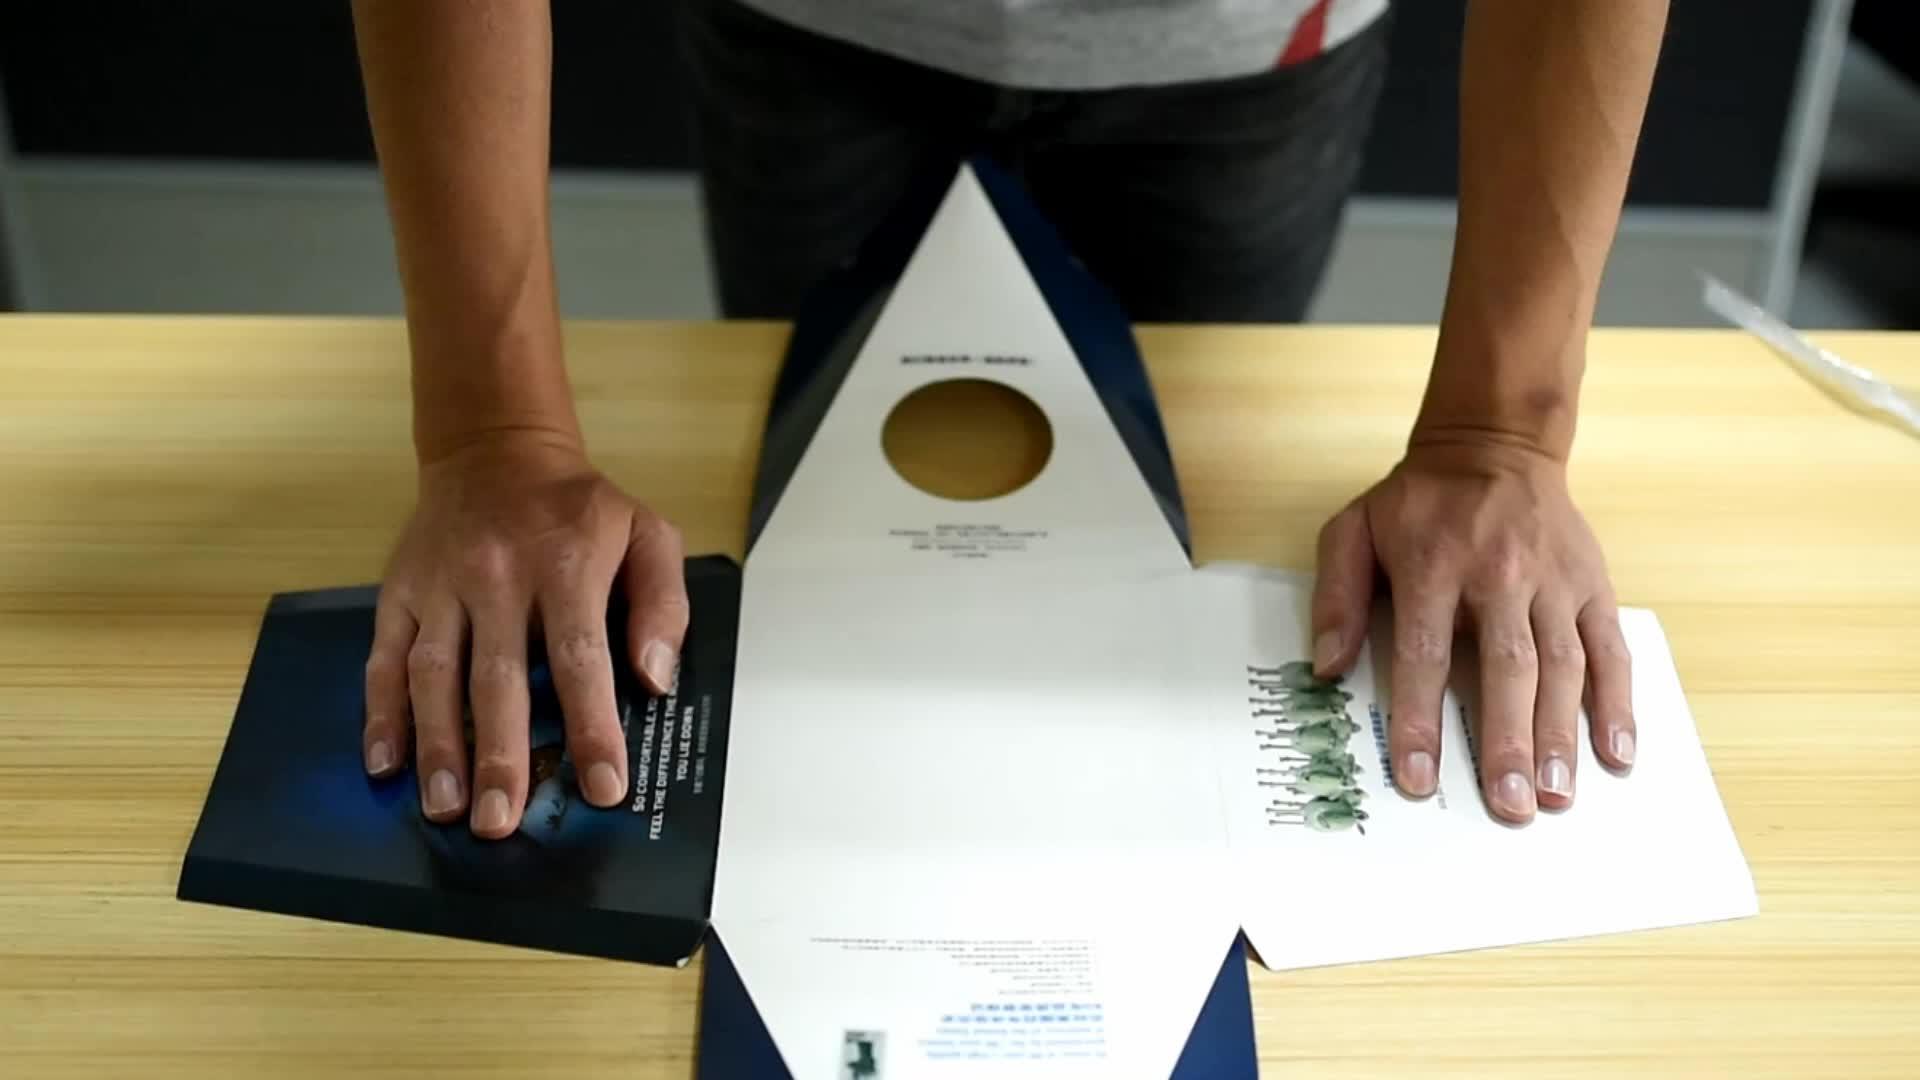 Lông Mi Hộp Tùy Chỉnh Guandong Cartone Nước Hoa Hugo In Bài Hộp Nhà Sản Xuất